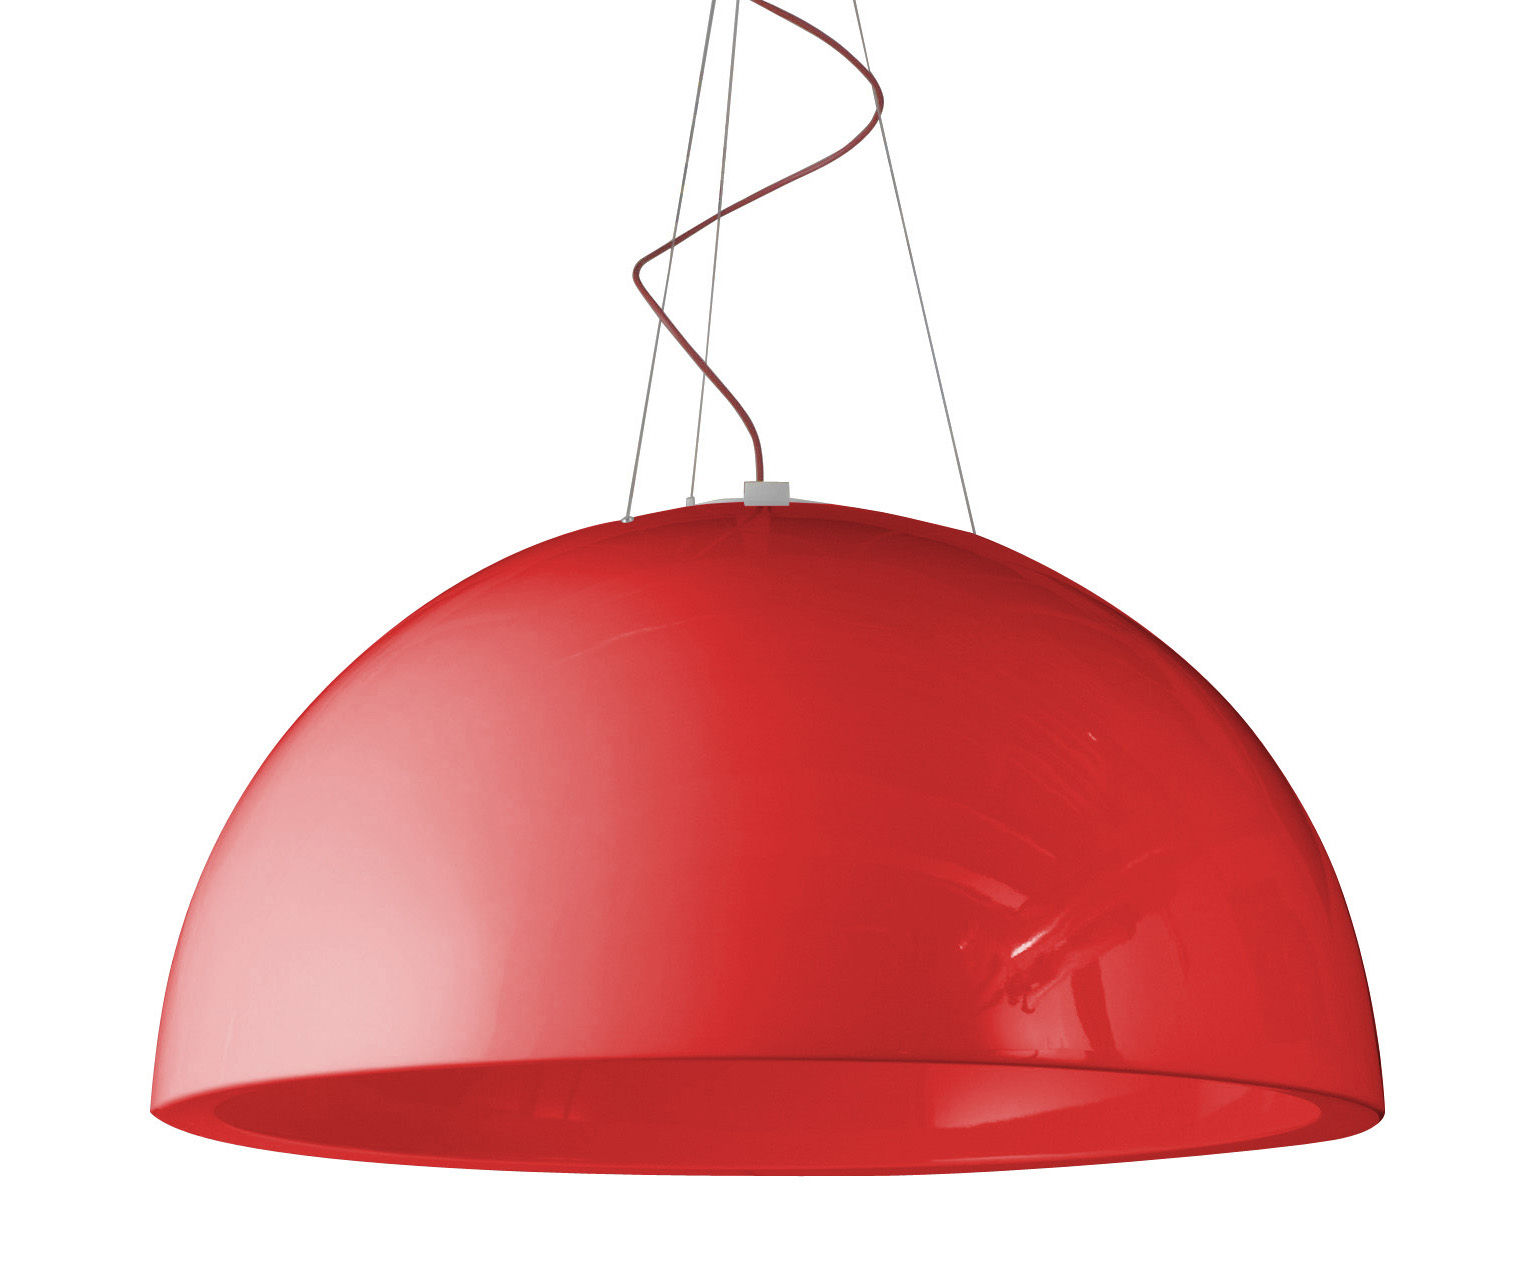 Luminaire - Suspensions - Suspension Cupole version laquée - Ø 120 cm - LED - Slide - Laqué rouge - polyéthène recyclable